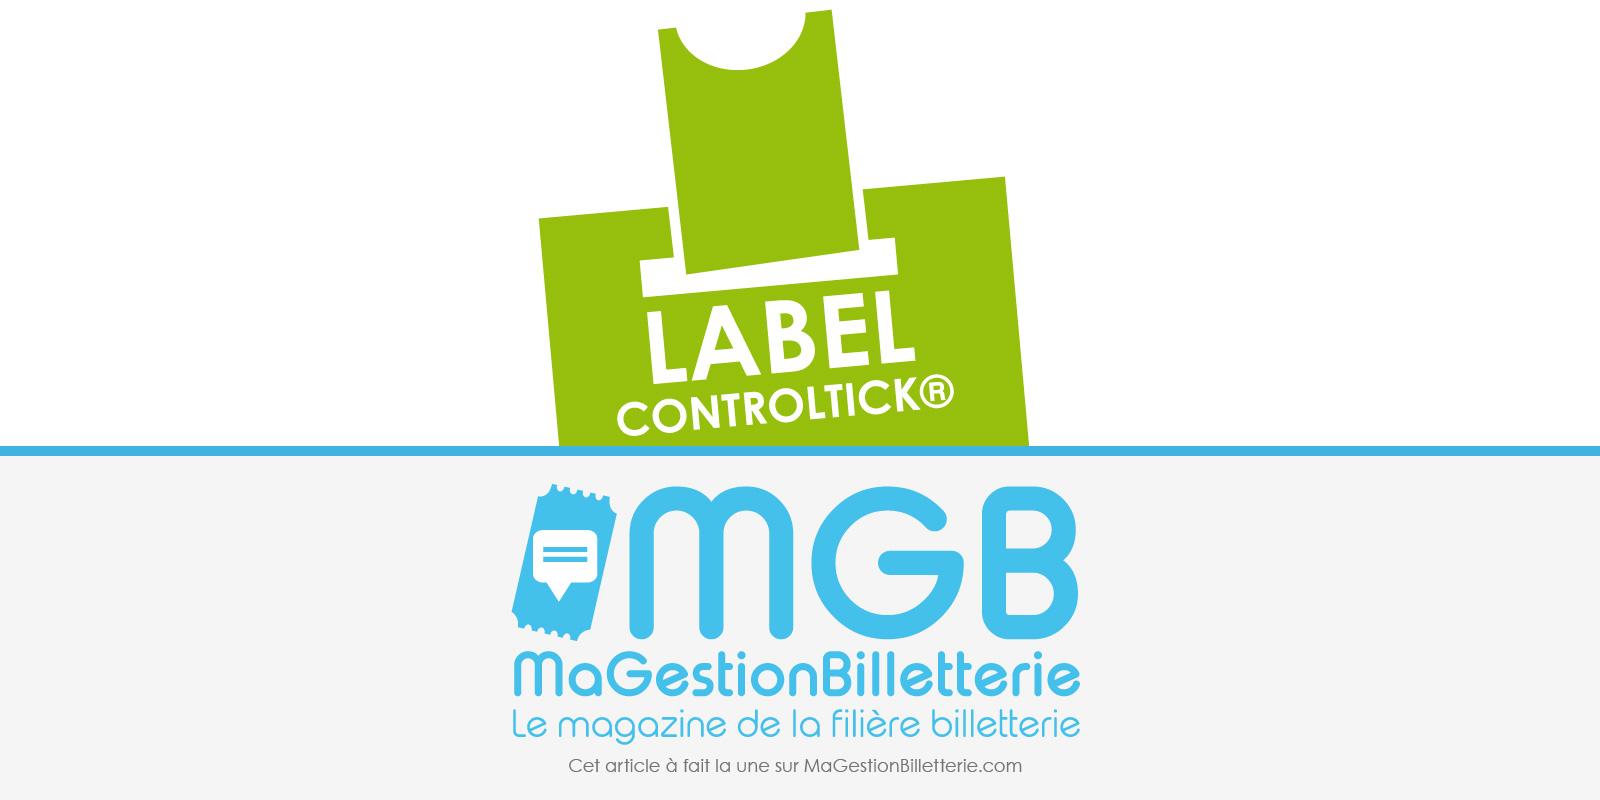 mot-label-controltick-une5